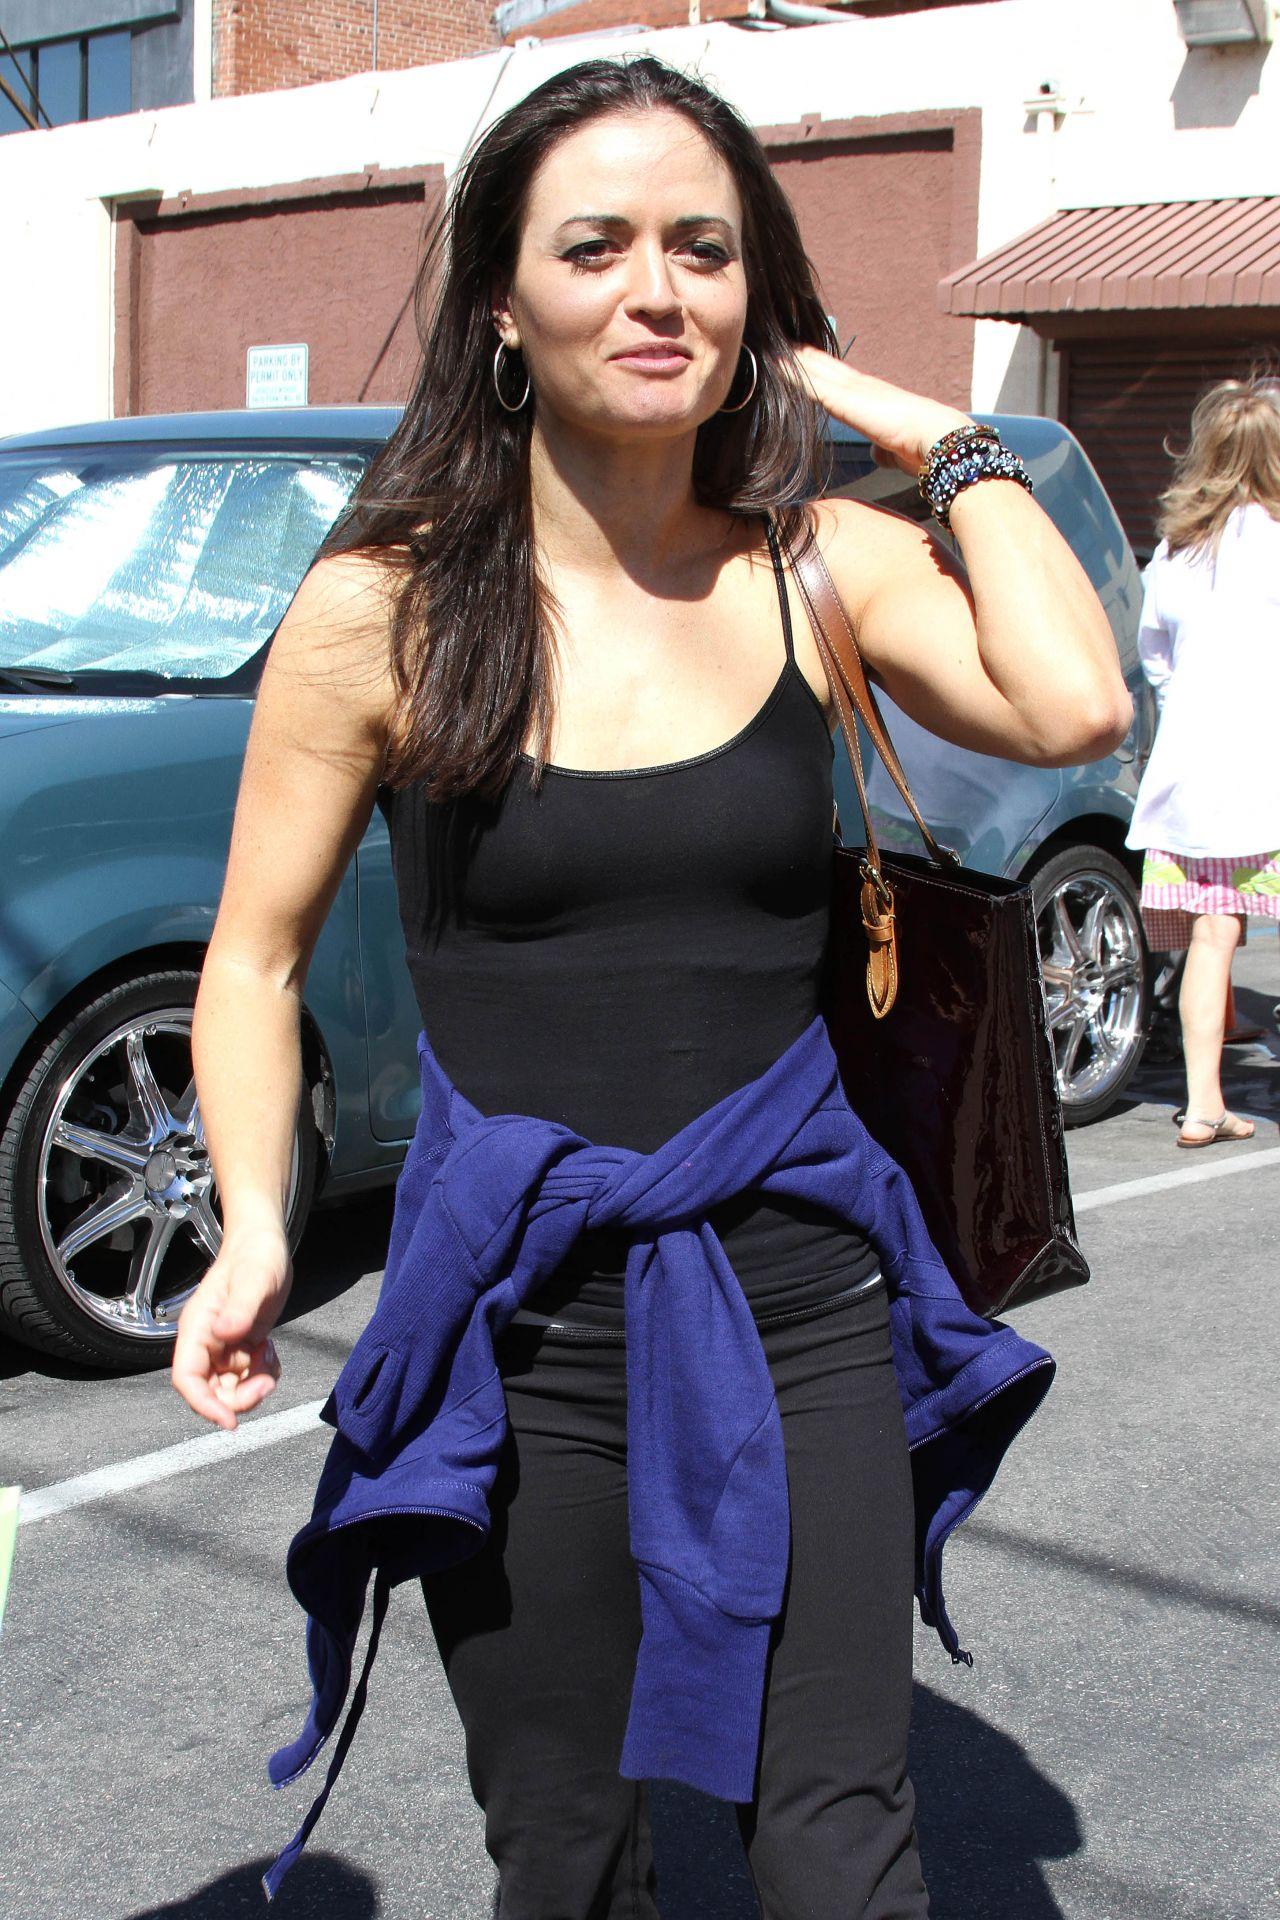 Girl In Yoga Pants Wallpaper Danica Mckellar Dwts Rehearsal In Los Angeles April 2014